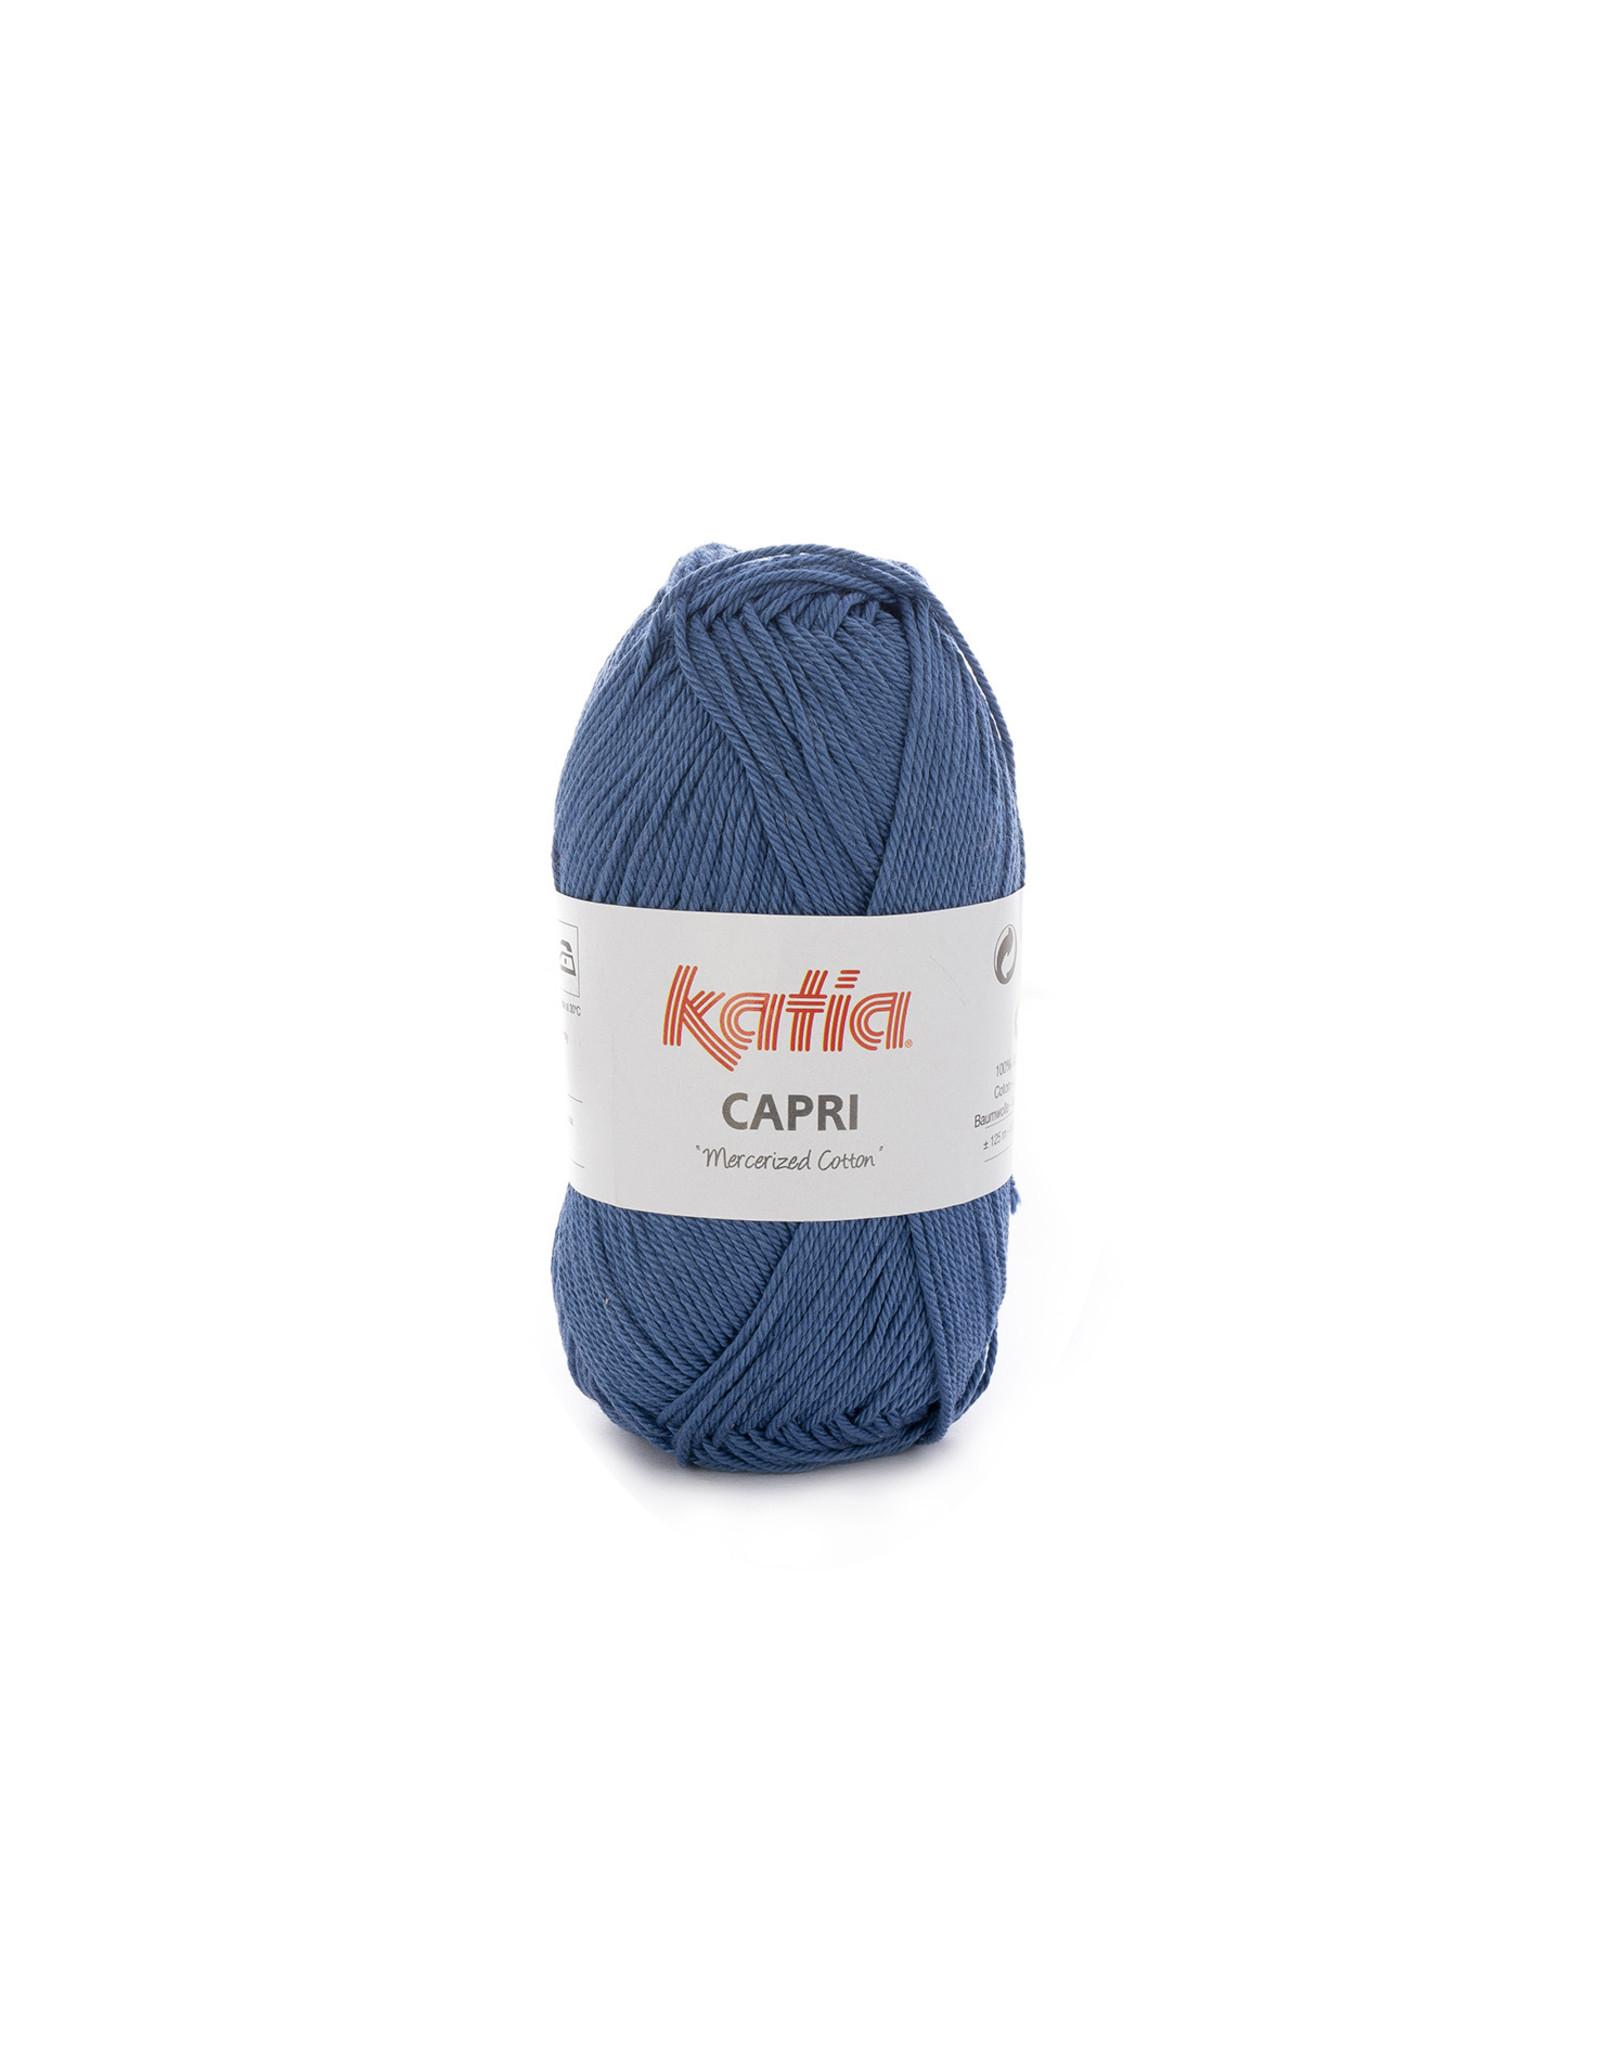 Katia Katia Capri - kleur 155 Medium blauw - bundel 5 x 50 gr. / 125 m. - 100% katoen